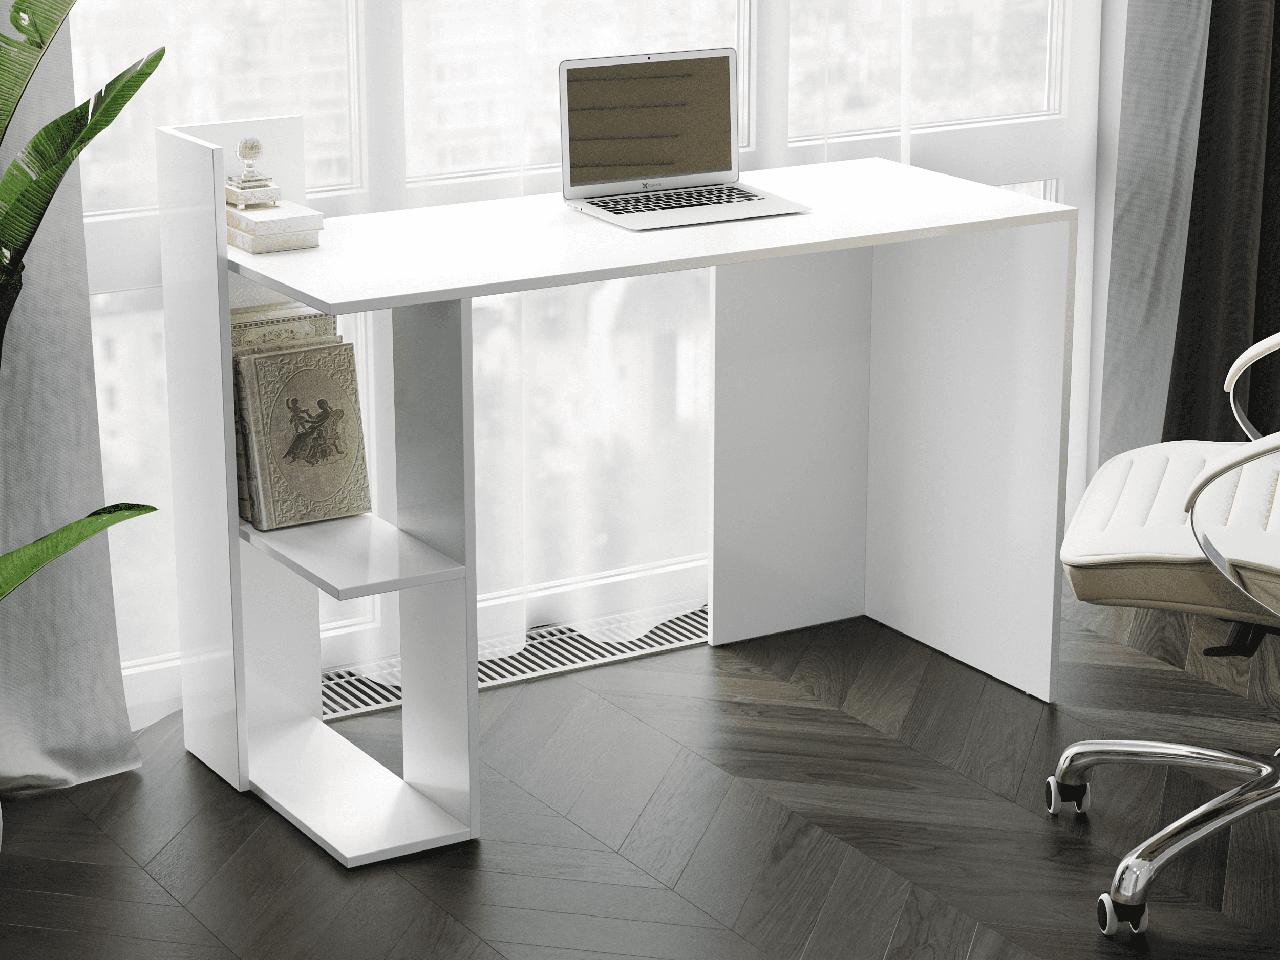 Компьютерный стол с 2 полками сбоку из ДСП Код: VZ-15